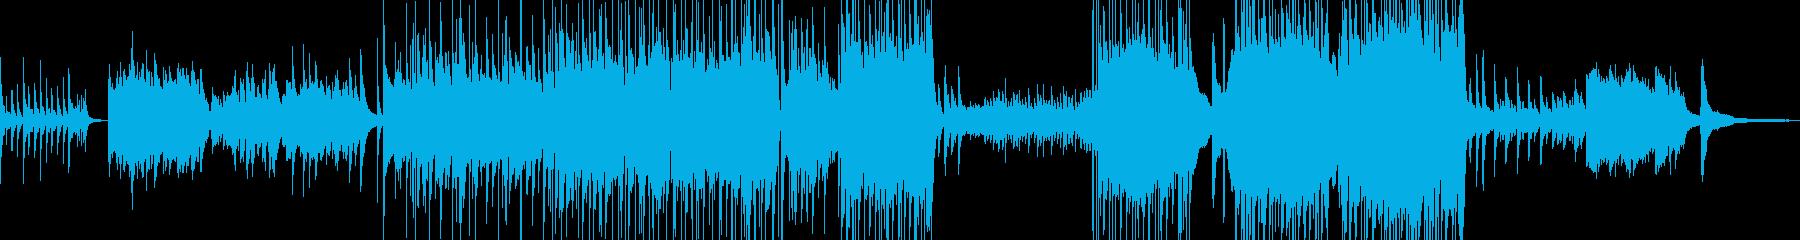 涙の場面をイメージしたピアノバラード Bの再生済みの波形